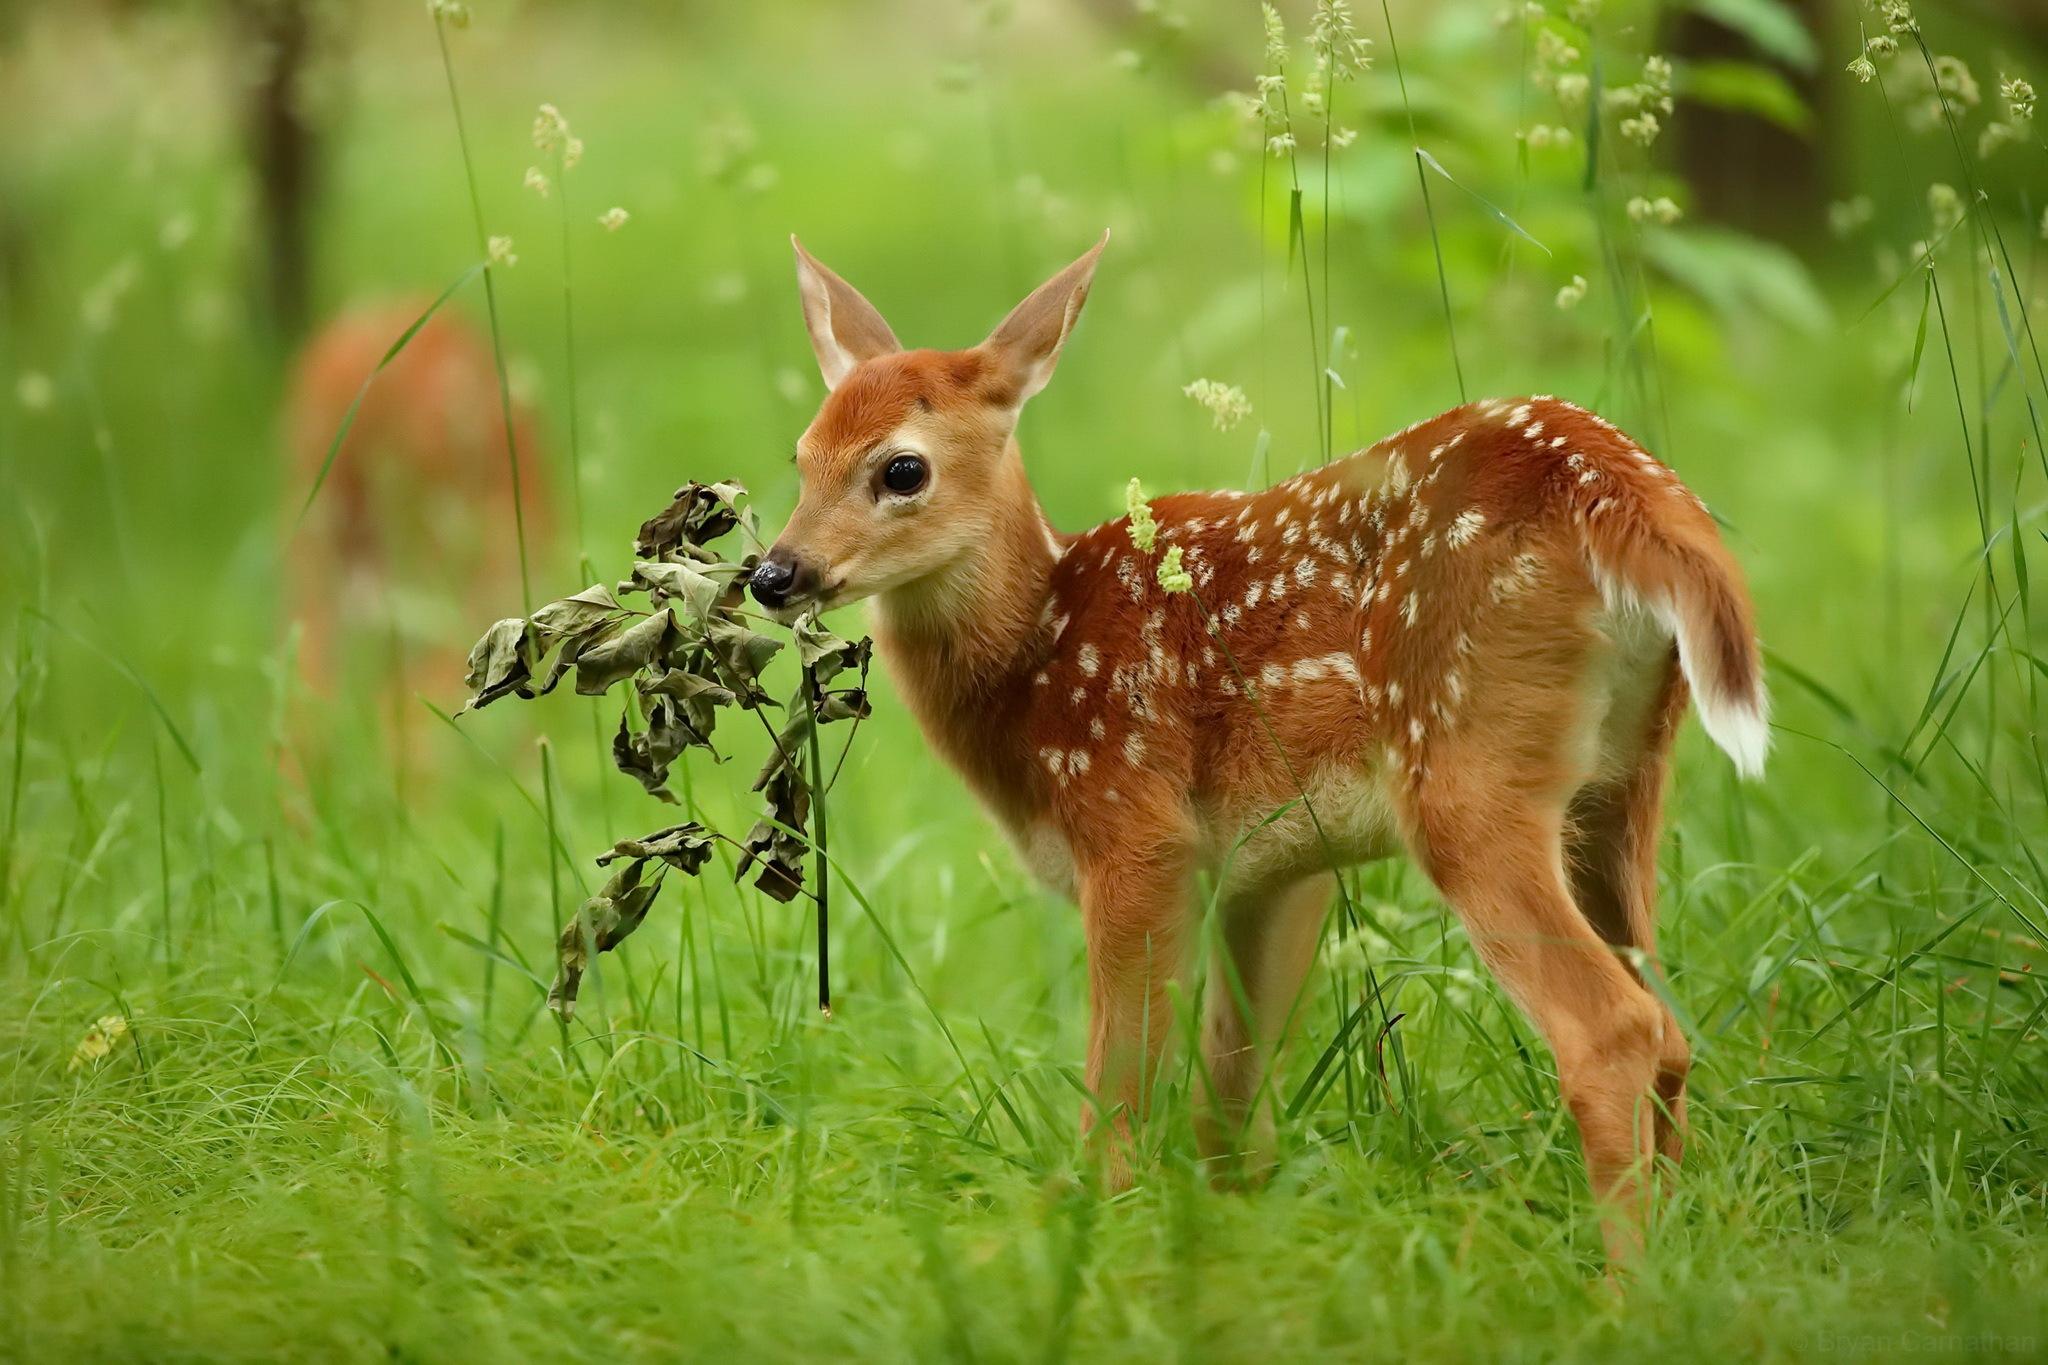 различия определяются фото природа и животных напечатать шикарные постановочные фотографии